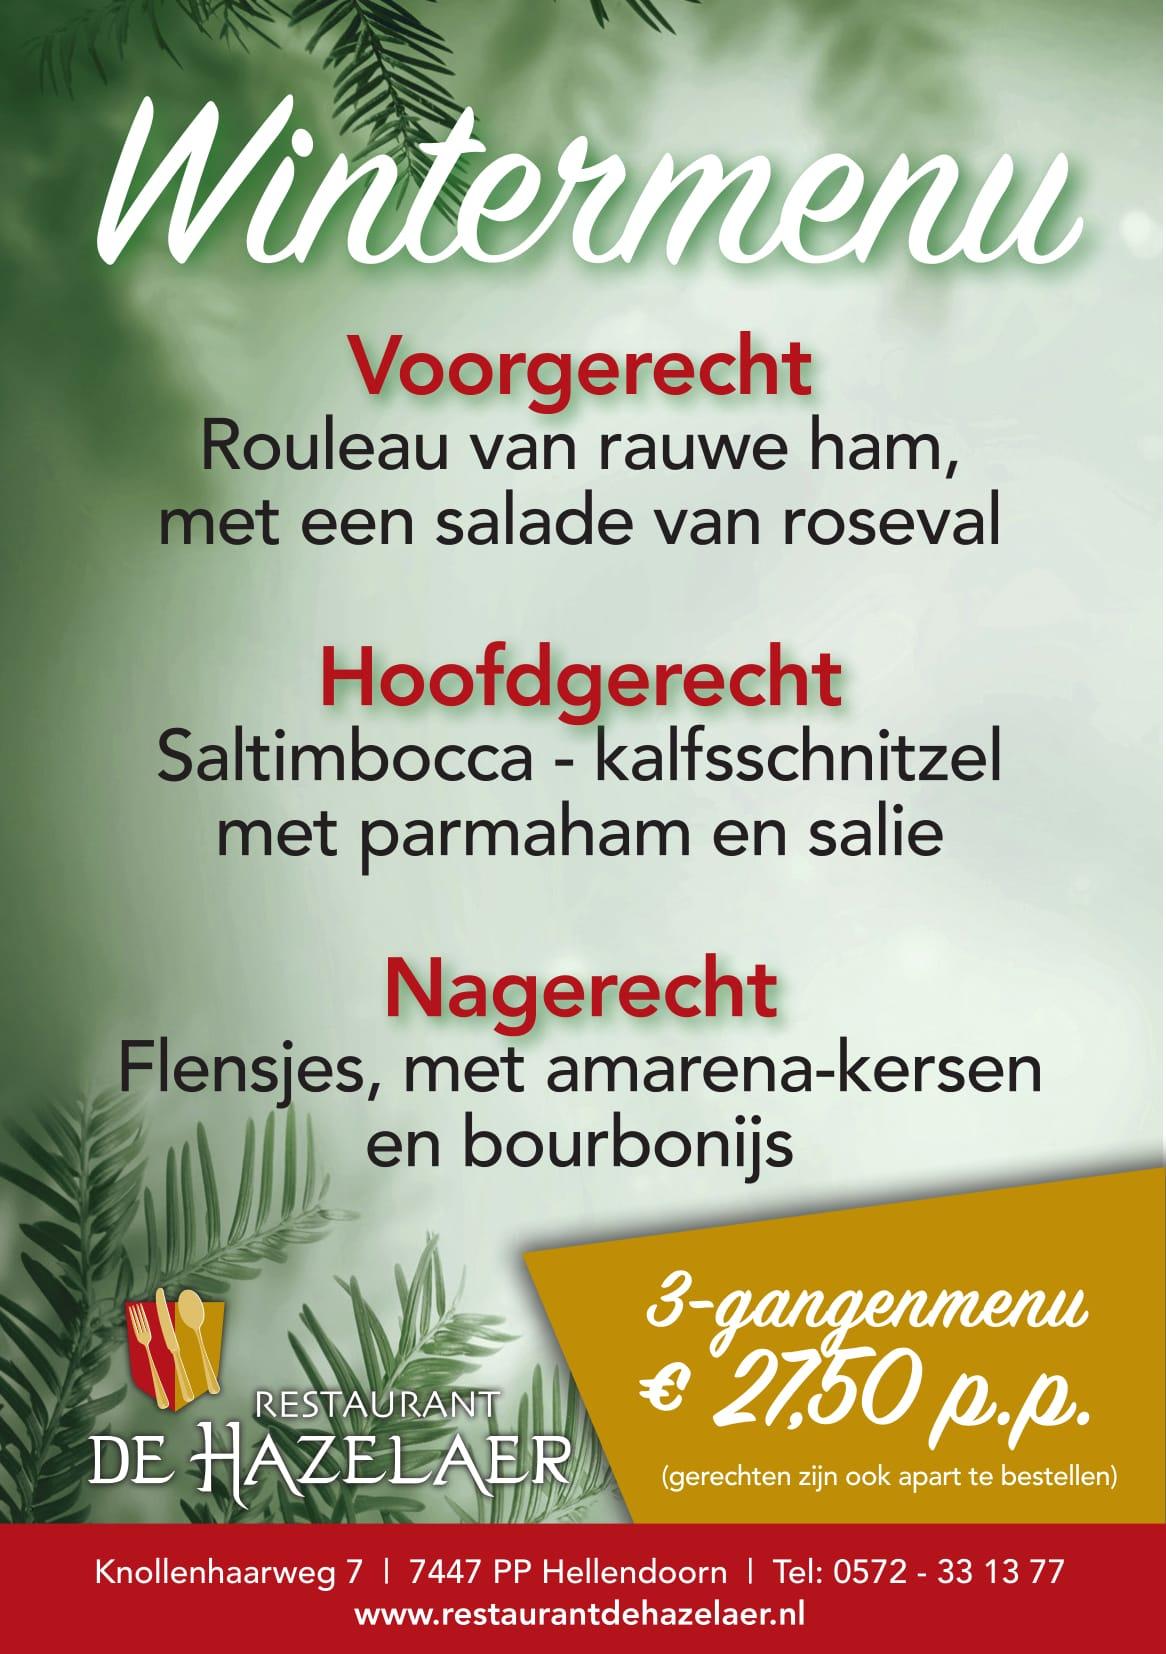 Wintermenu bij restaurant De Hazelaer